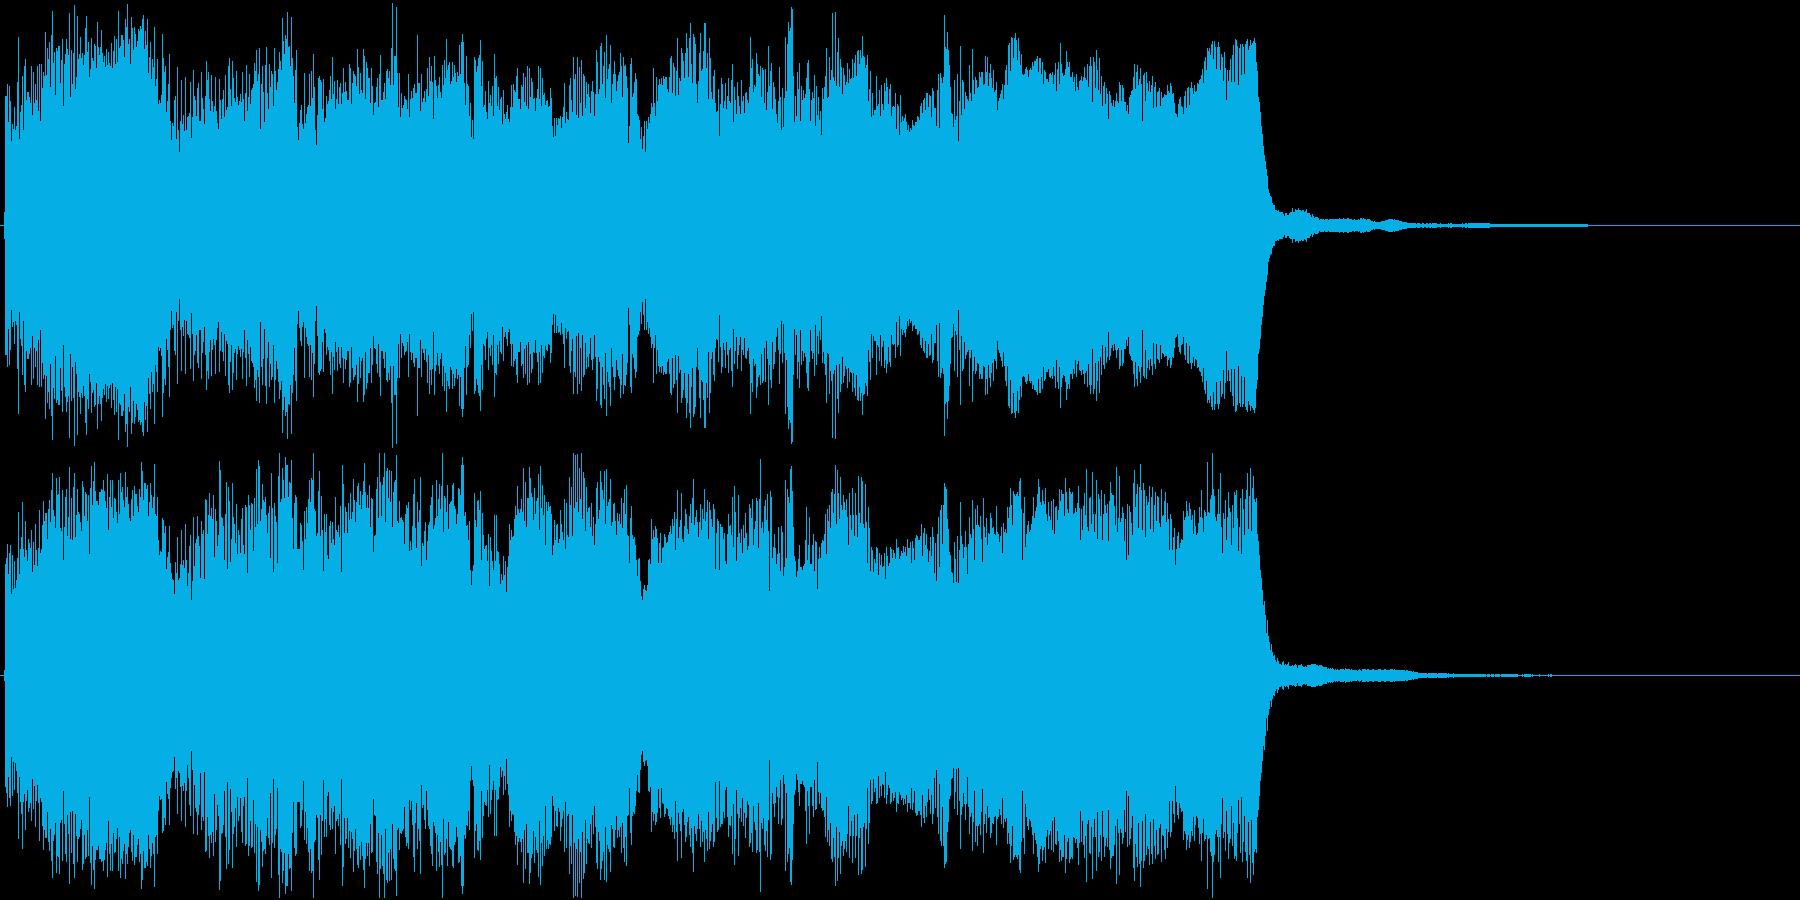 静かに立ち上がるようなイメージのジングルの再生済みの波形